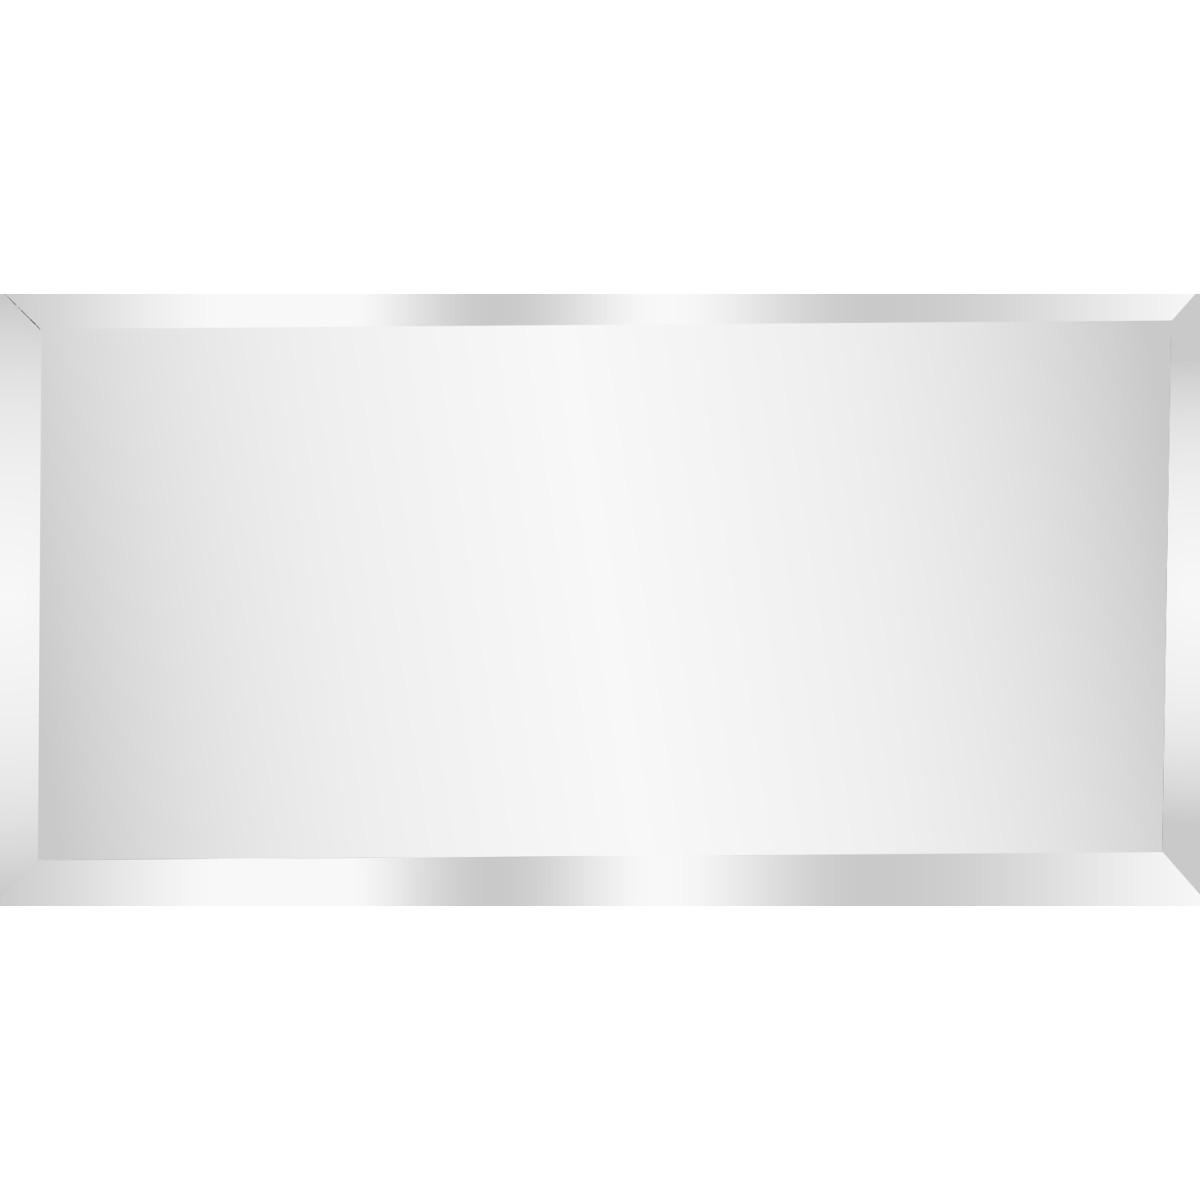 Плитка зеркальная Mirox 3G прямоугольная 20x10 см цвет серебро